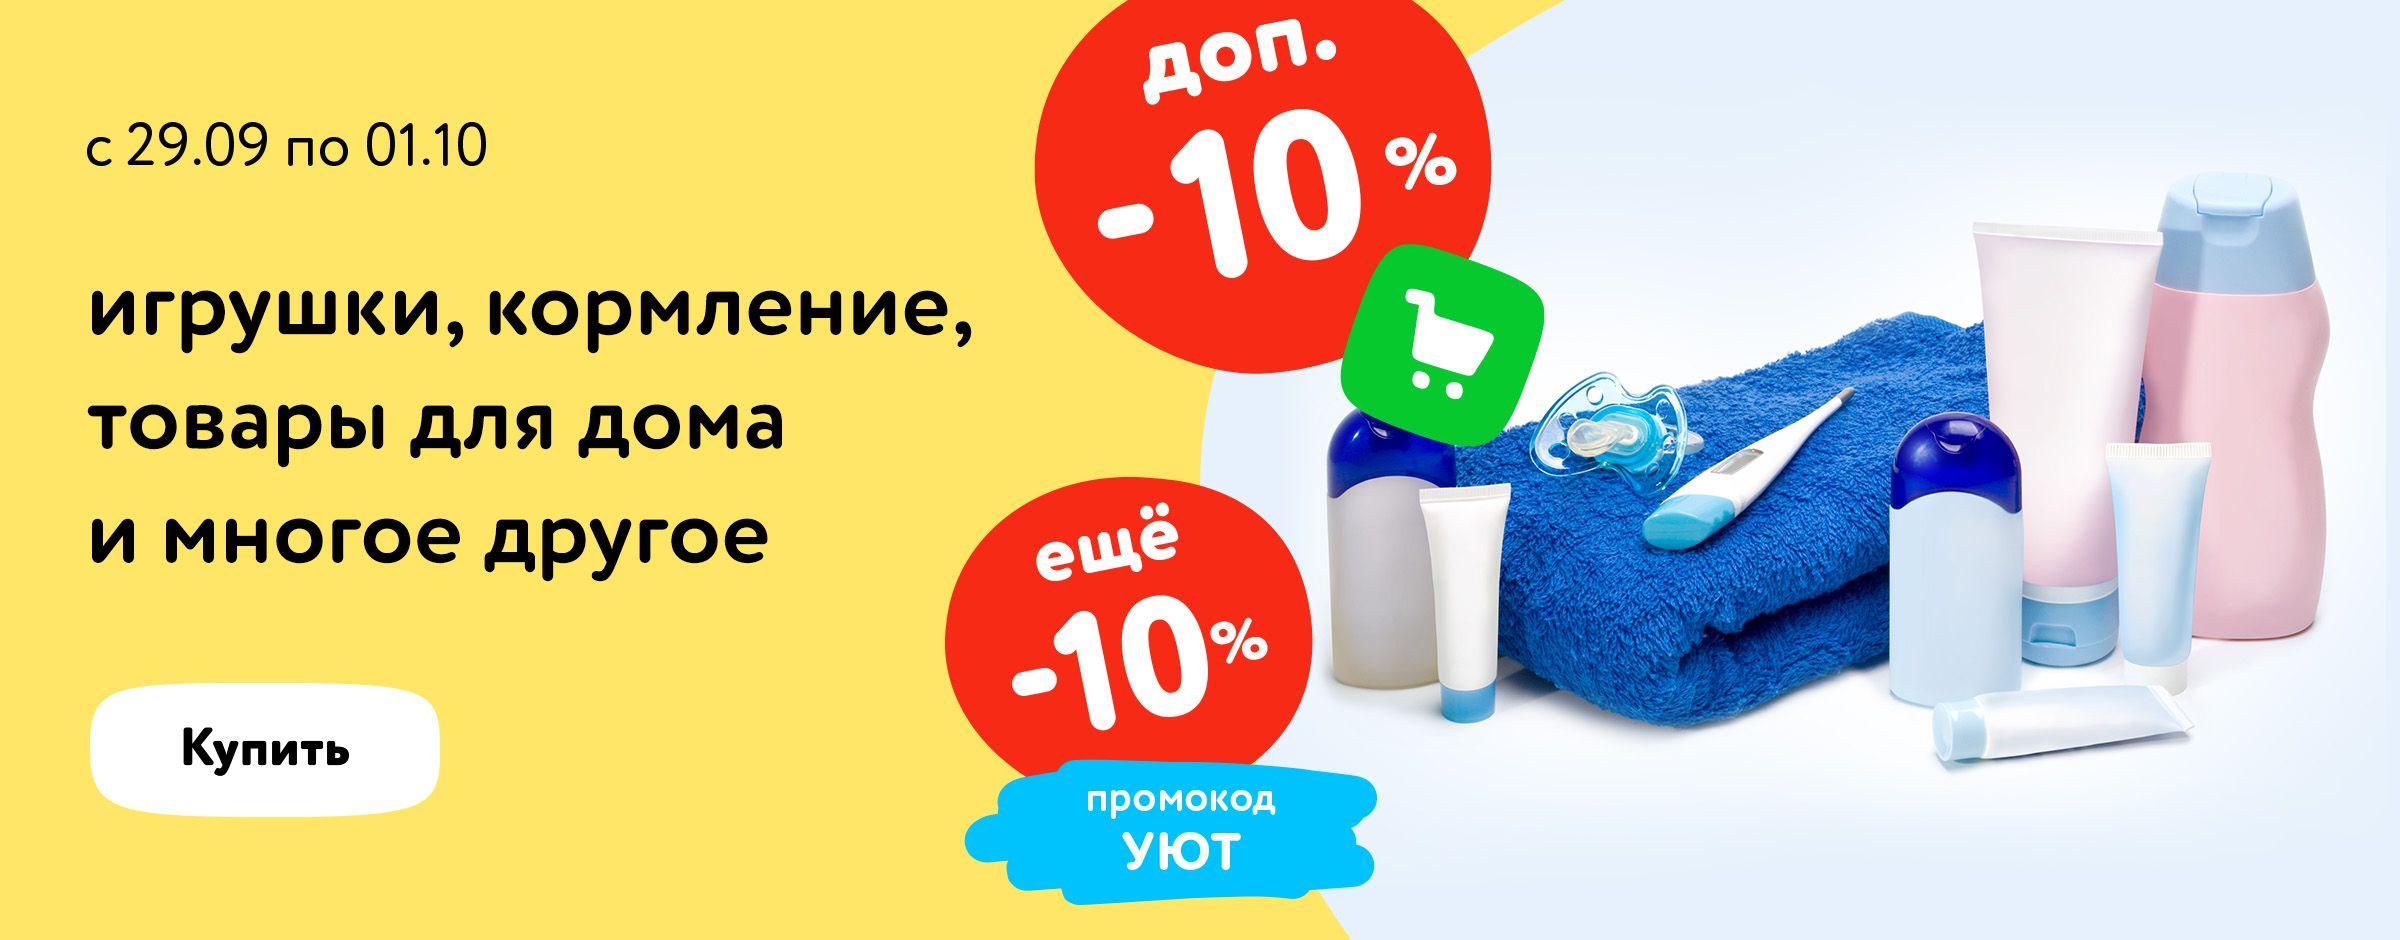 Скидка 10% на широкий ассортимент товаров в корзине + скидка 10% по коду УЮТ